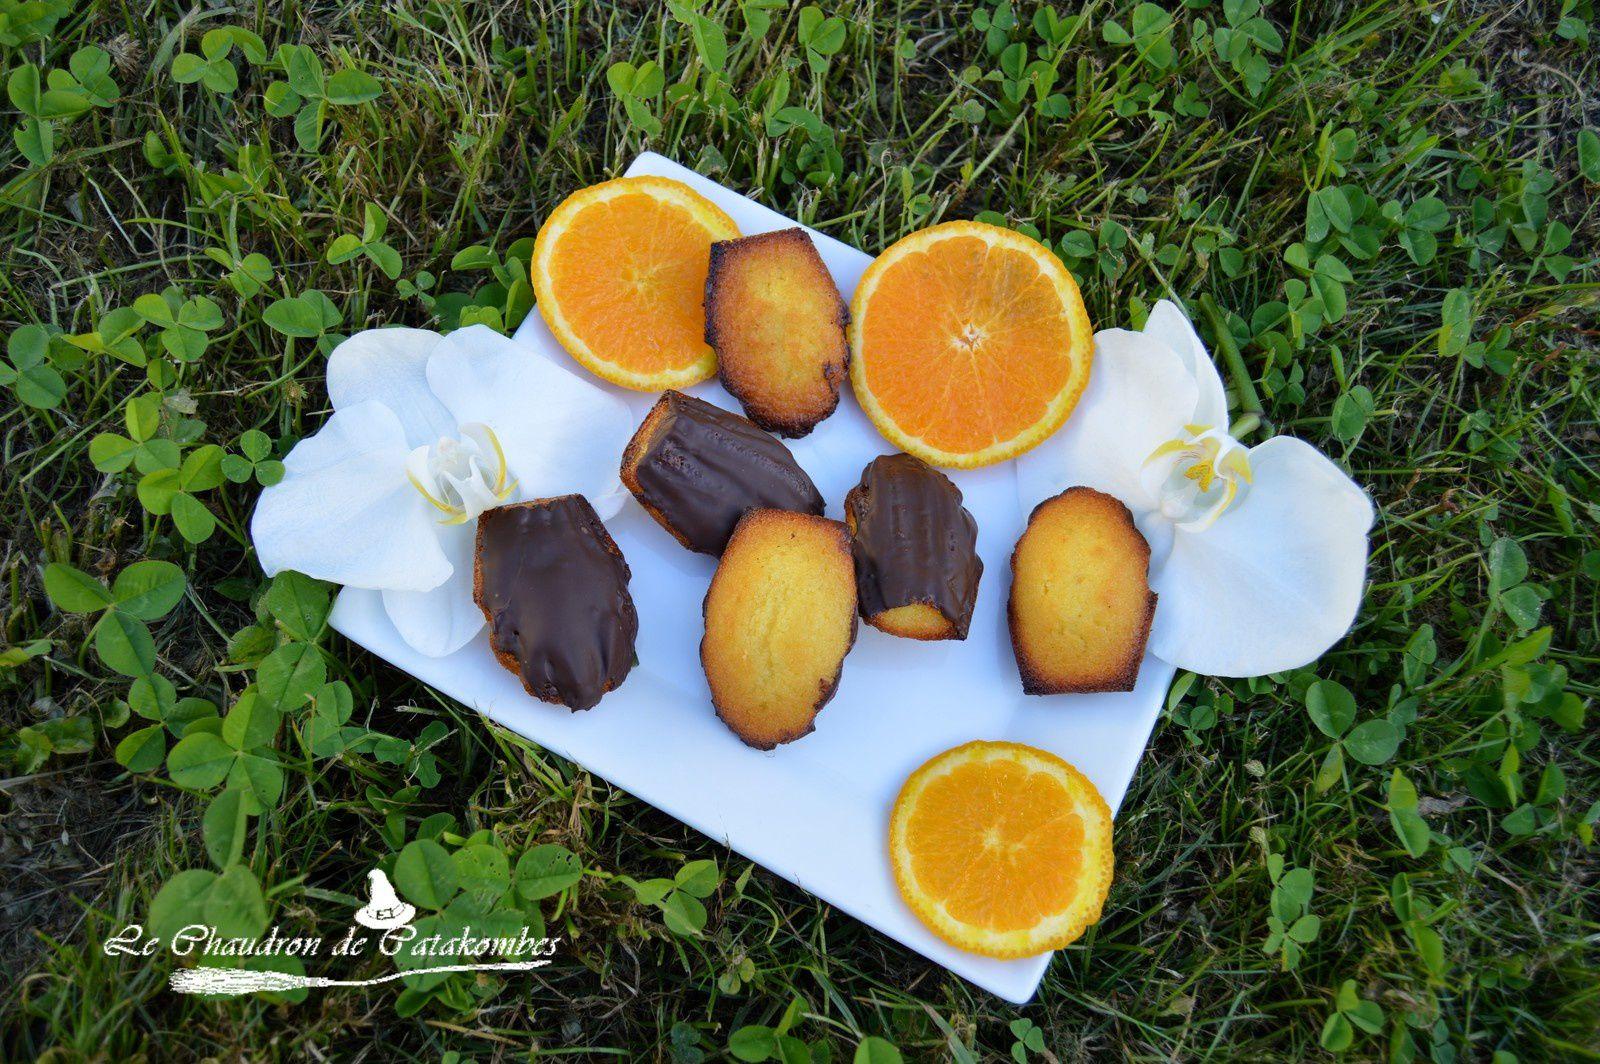 De petites madeleines fondantes enrobées de chocolat noir croquant.